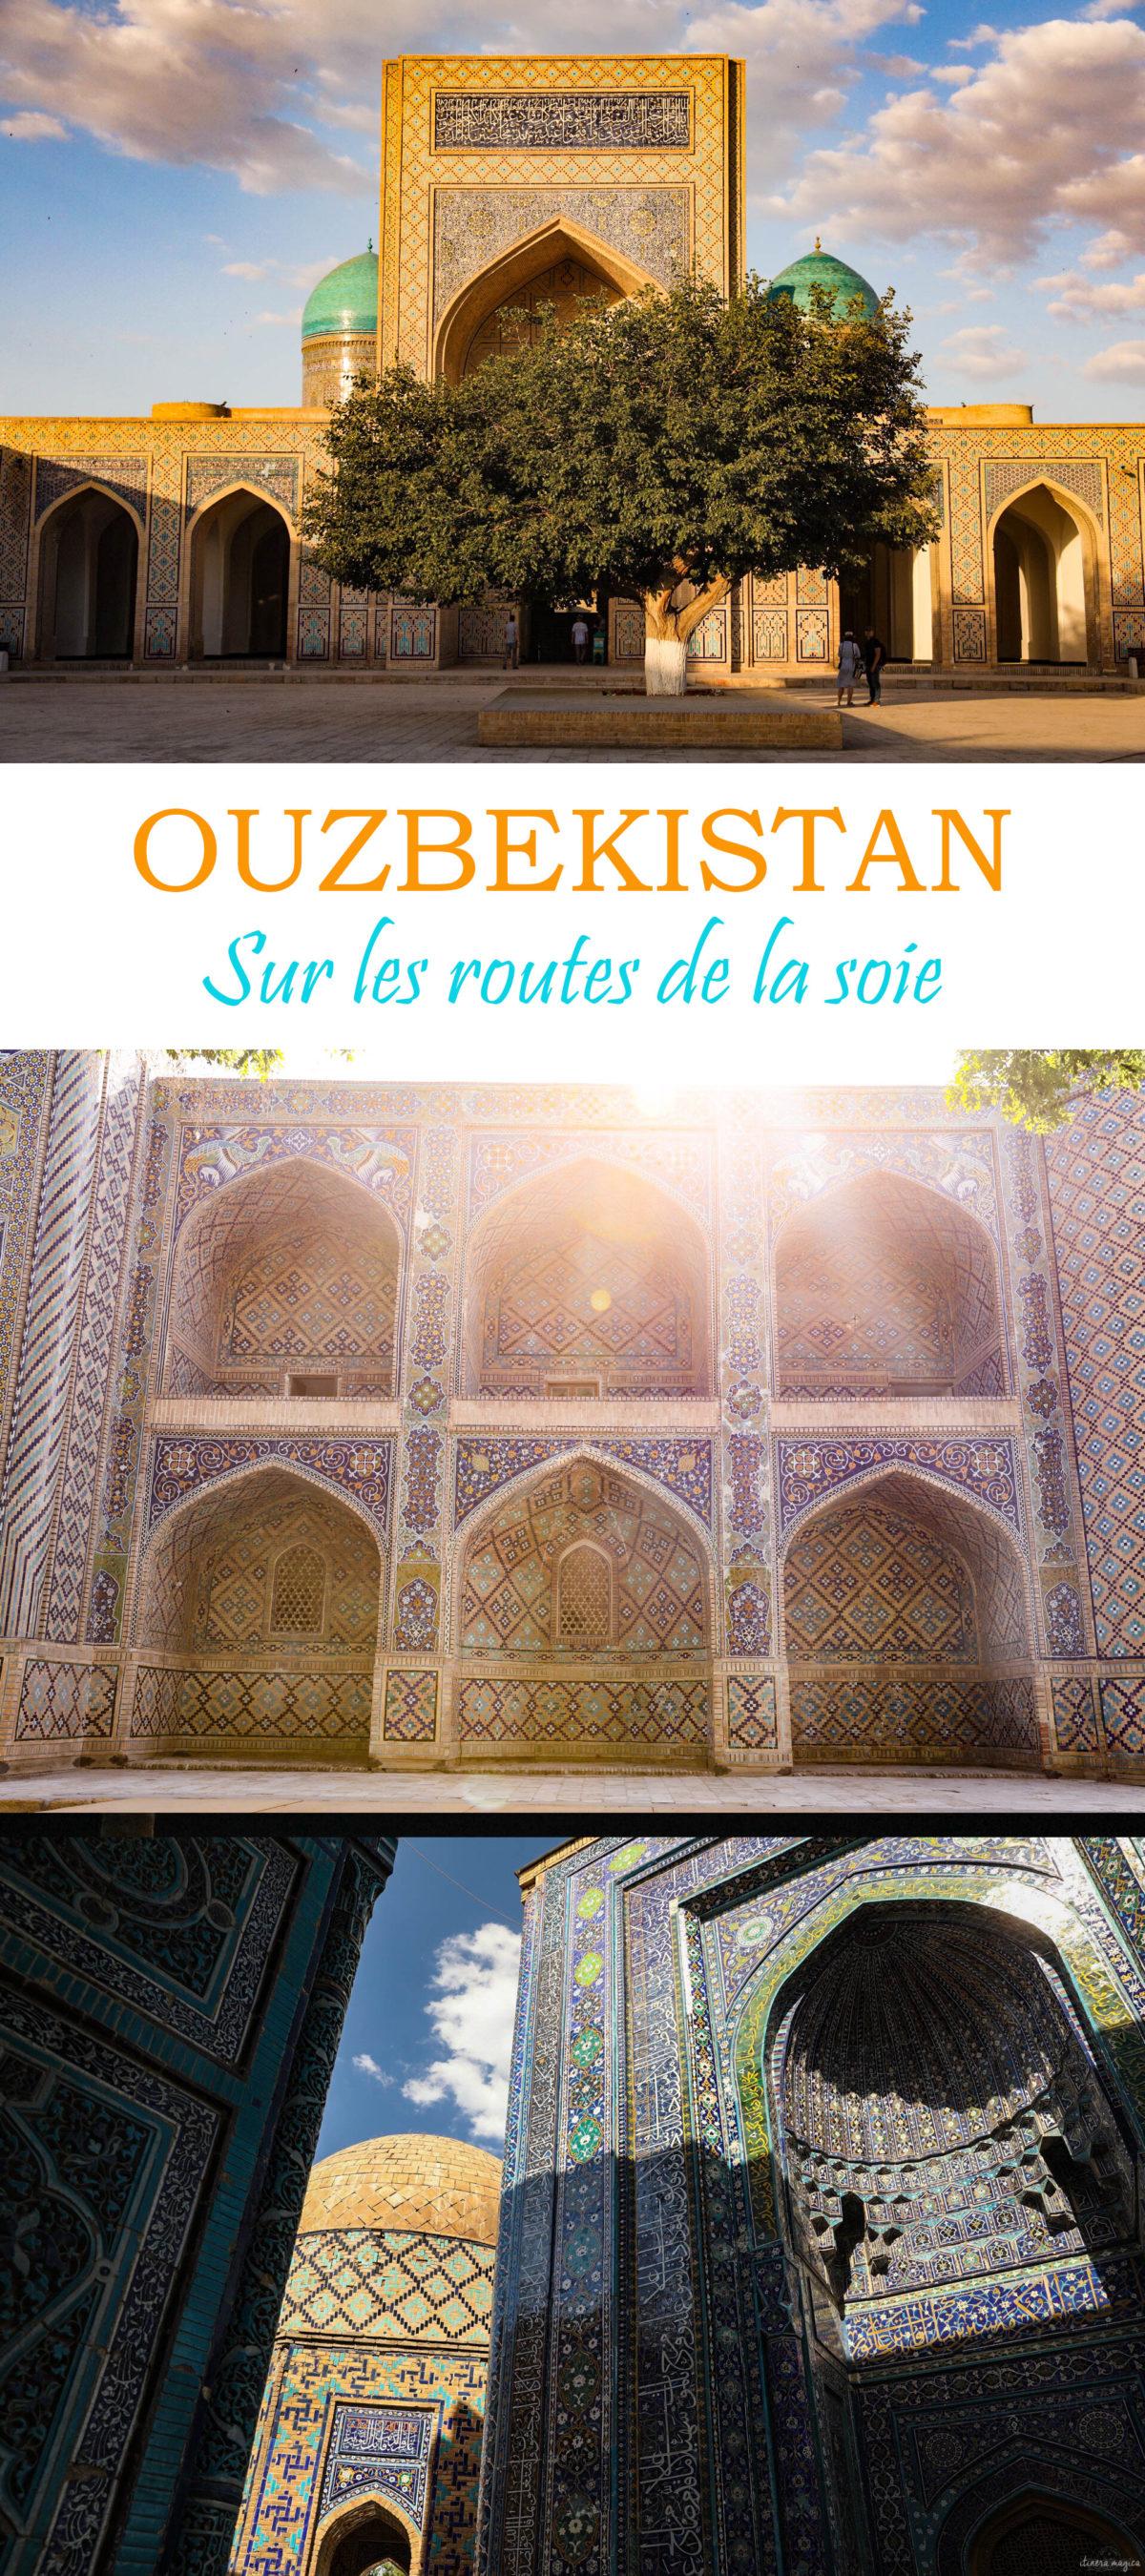 Un voyage de légende en Ouzbékistan sur les steppes de la soie, entre Samarcande, Boukhara, la steppe et les montagnes. #ouzbekistan